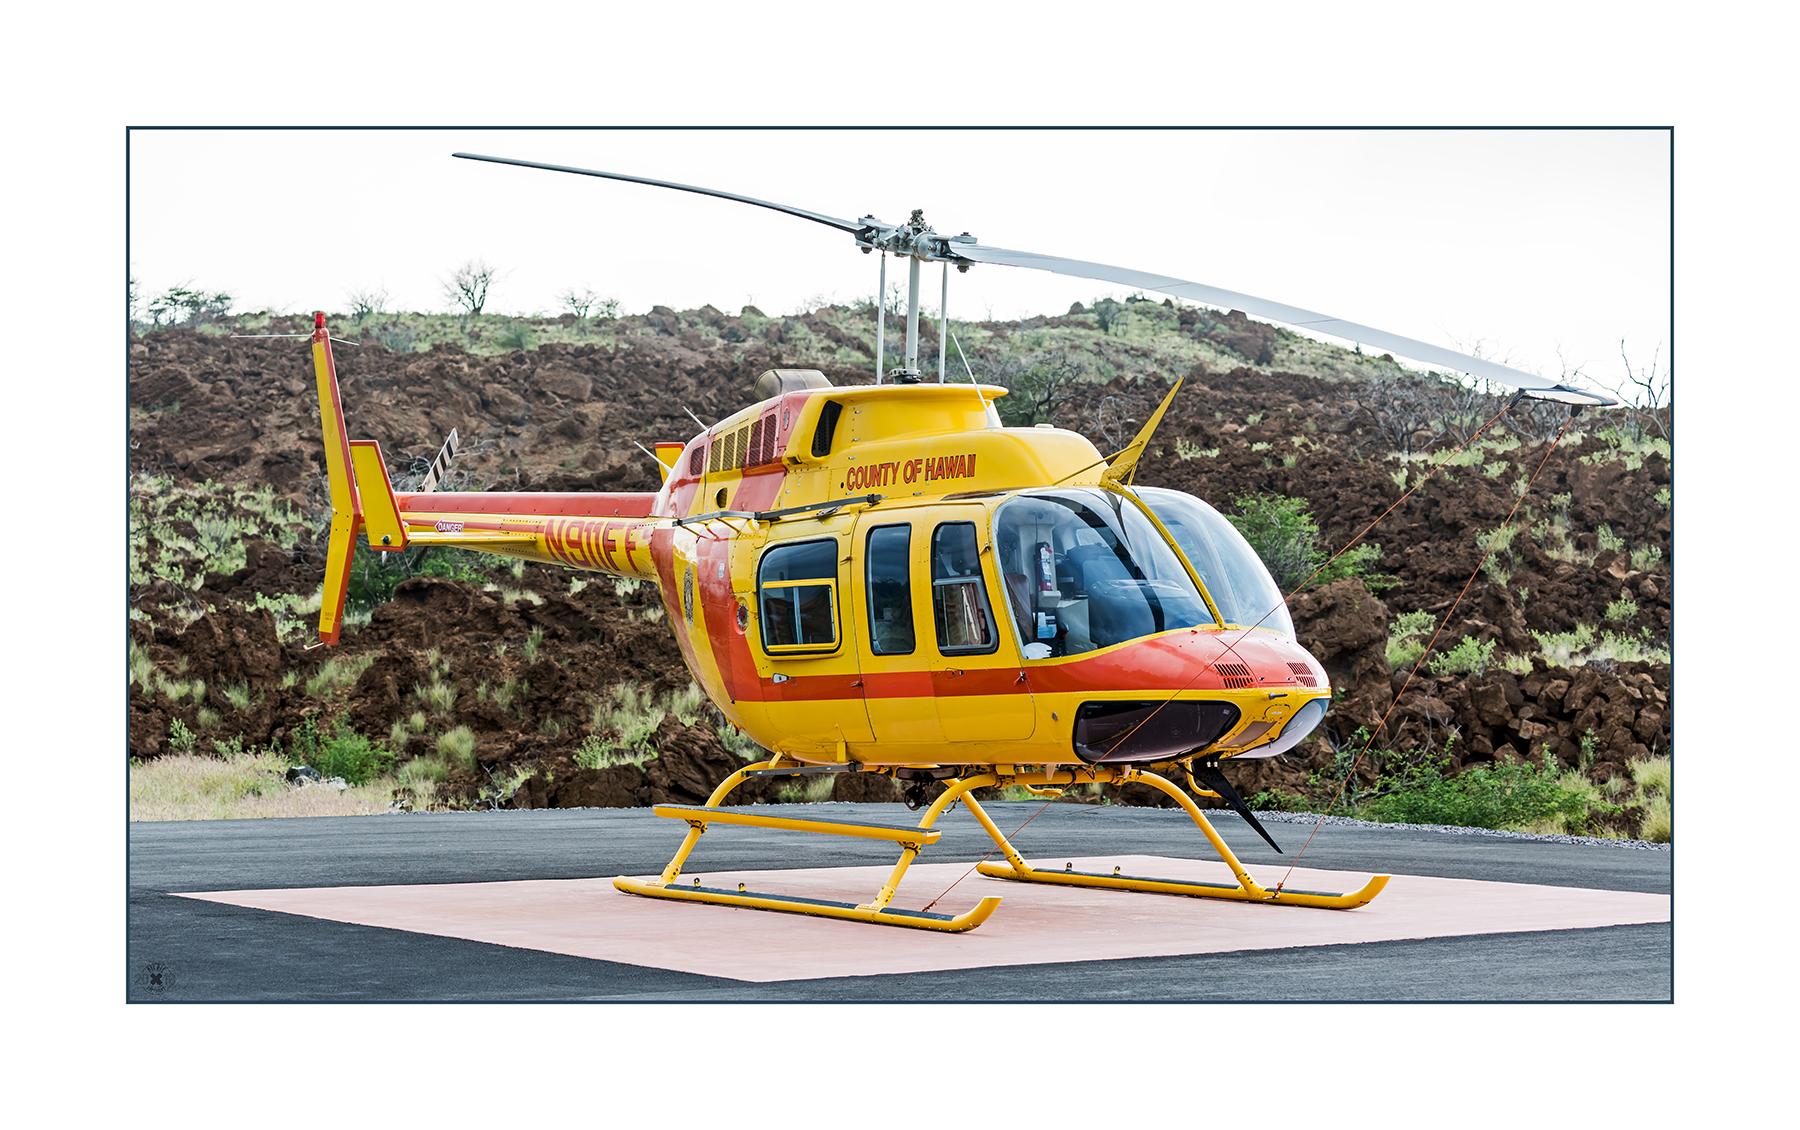 Der Hubschrauber Bell 206-L-3 Long Ranger III N911FF gehört zum Hawaii County Fire Department. Er ist stationiert an der Station 14 am Queen Ka´ahumanu Highway nahe der Westküste von Hawaii.